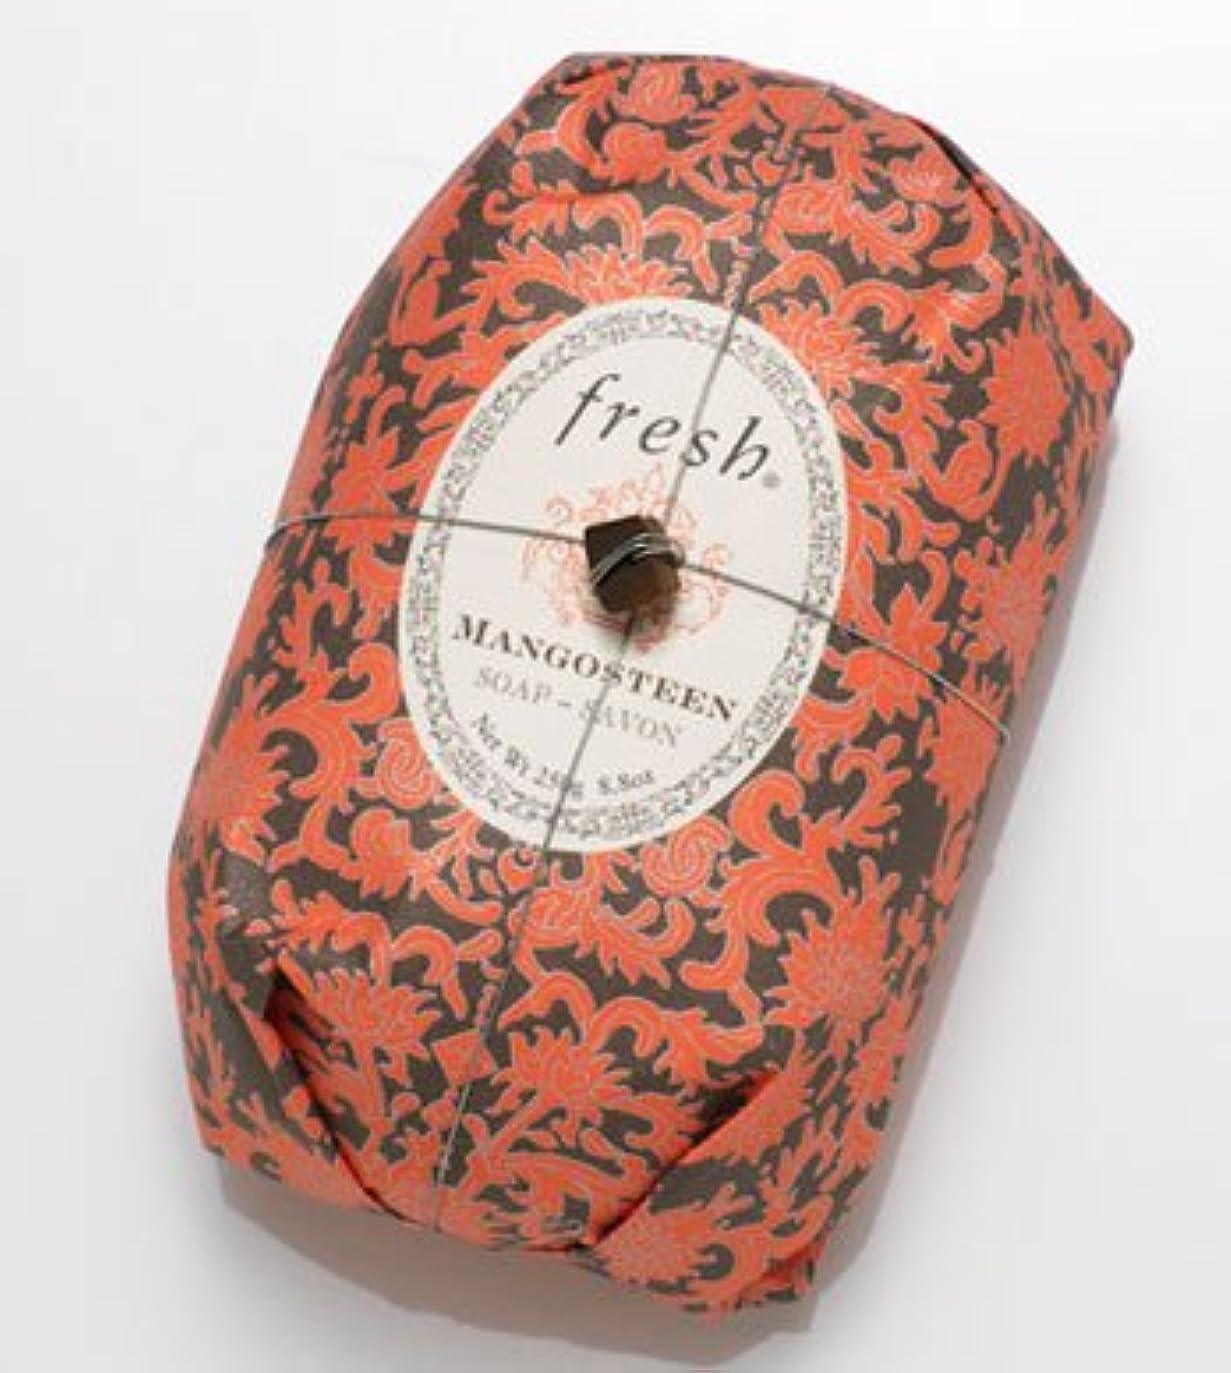 タンパク質薬理学微視的Fresh MANGOSTEEN SOAP (フレッシュ マンゴスチーン ソープ) 8.8 oz (250g) Soap (石鹸) by Fresh